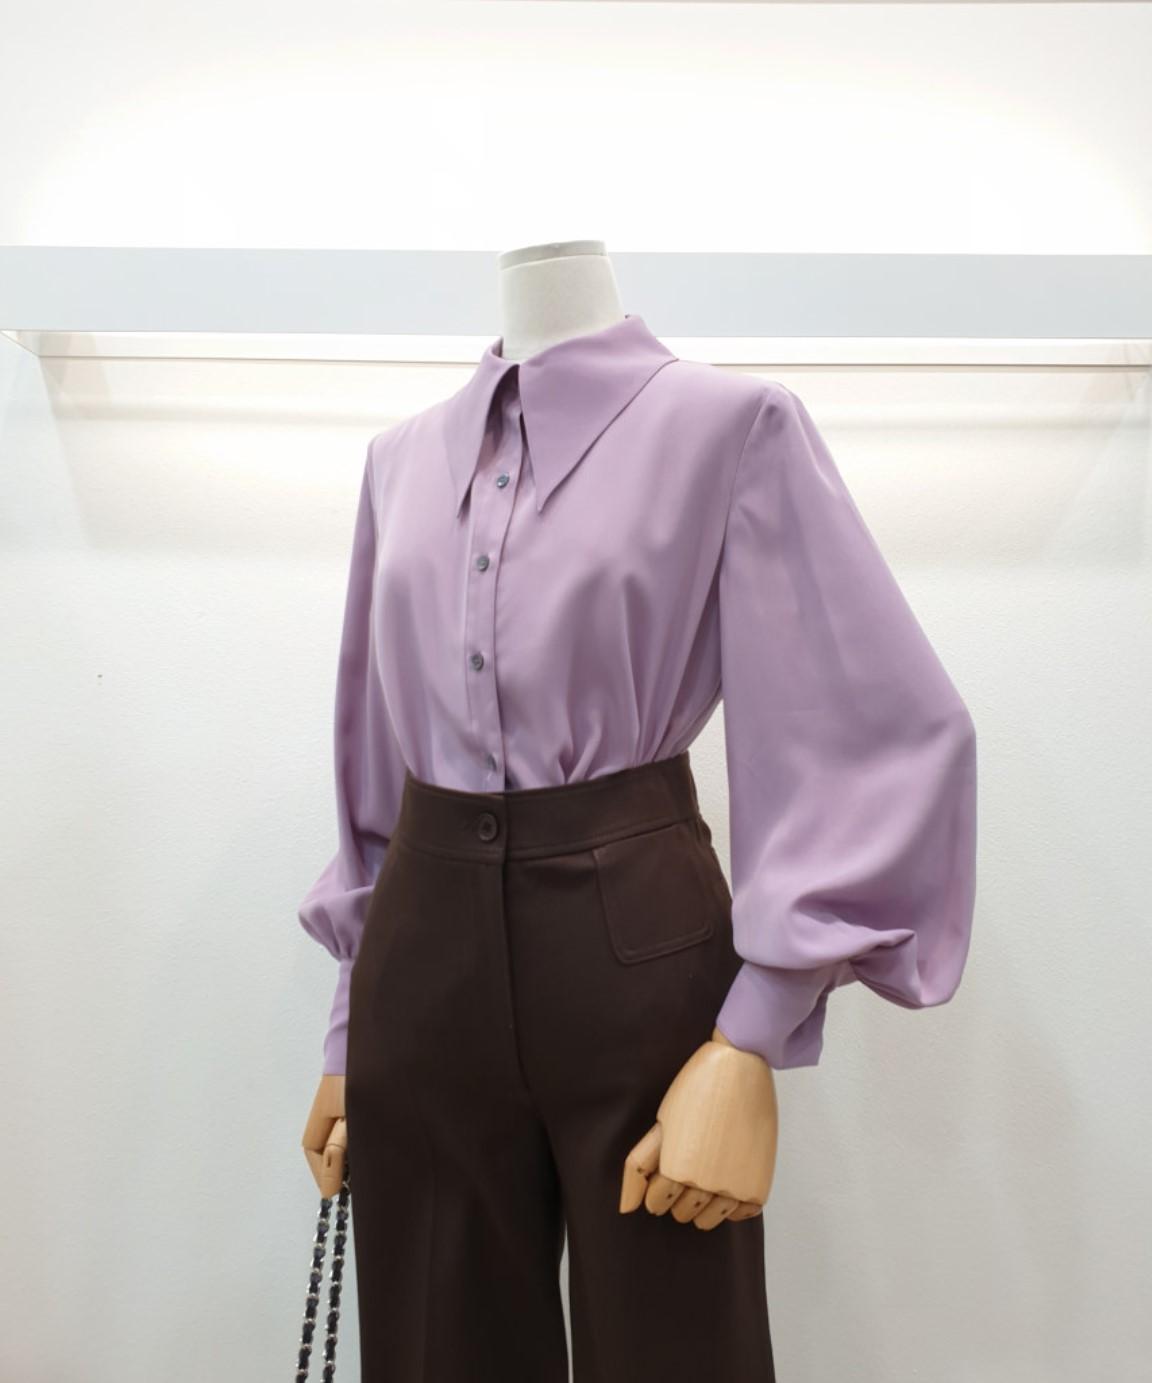 高端2021春秋季韩国打底上衣气质时尚宽松大领褶皱袖丝质缎面衬衫